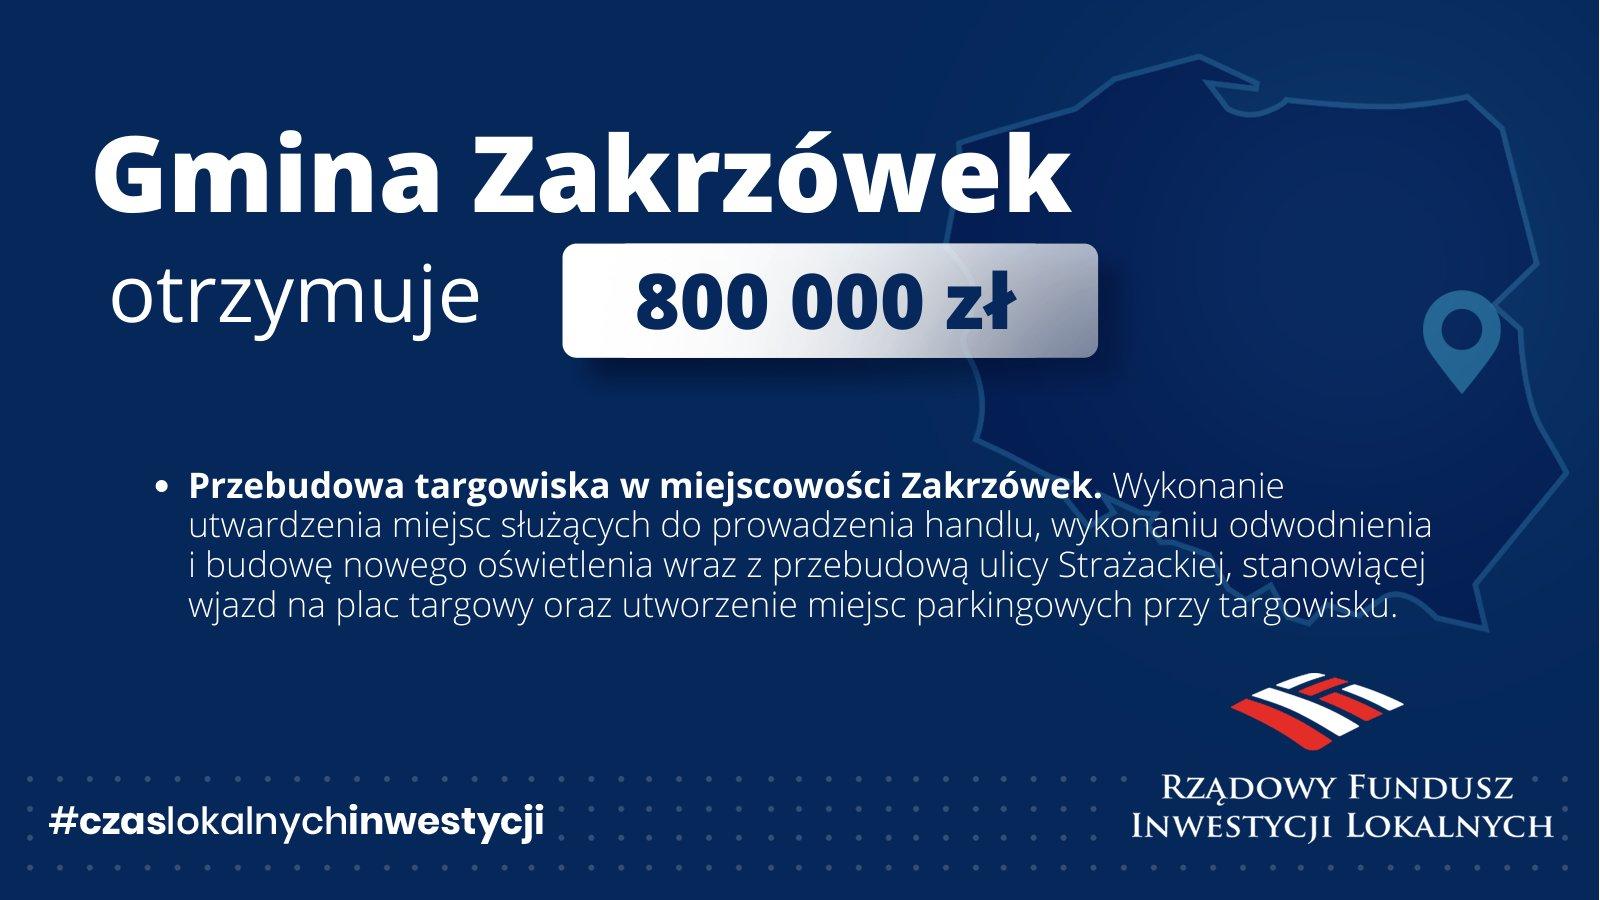 800 000 zł dla Gminy Zakrzówek na przebudowę targowiska!